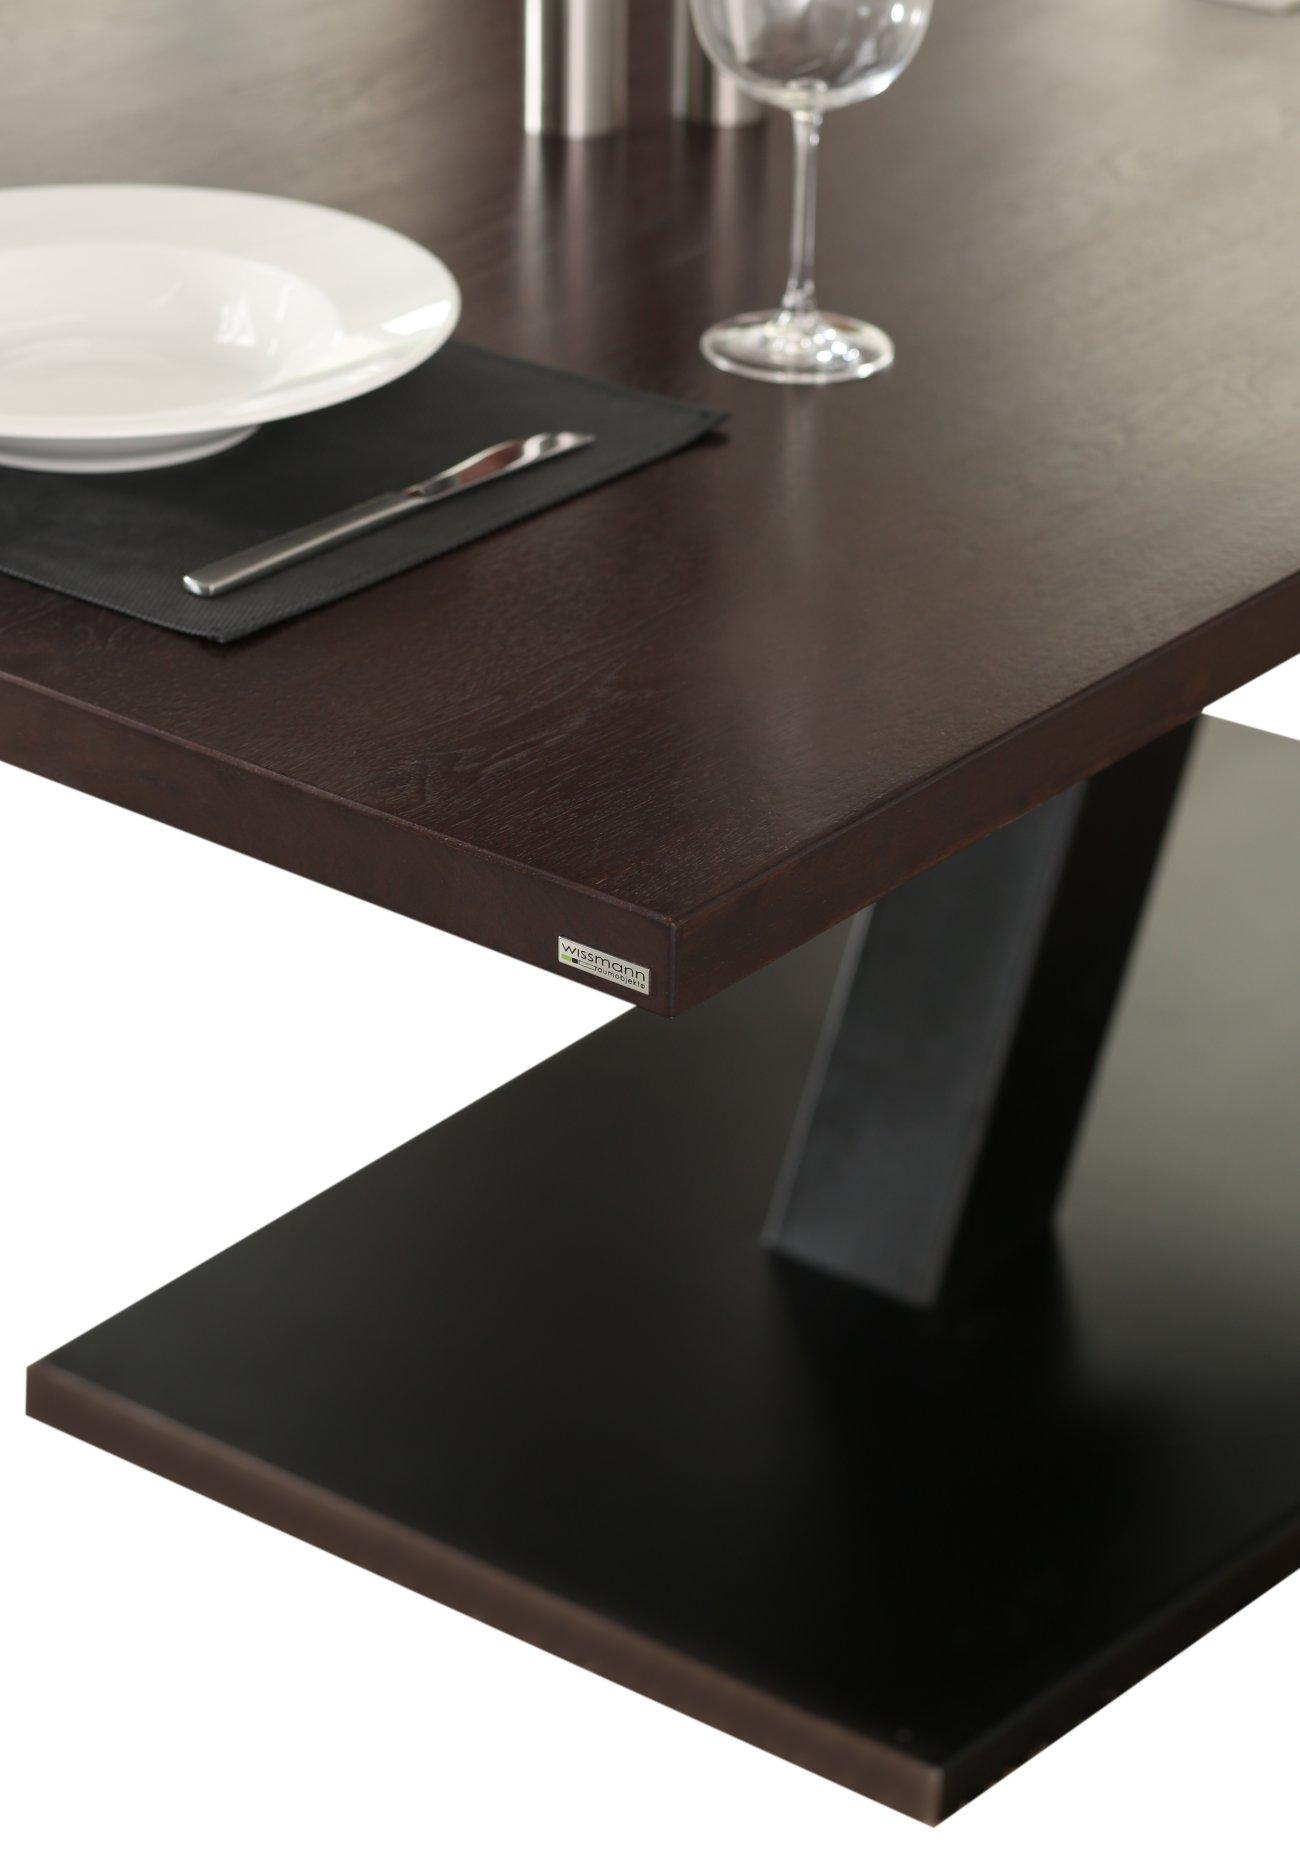 Esstisch nussbaum dunkel  eleganter Säulen-Esstisch mit einem massivem Stahl-Tischbein und ...